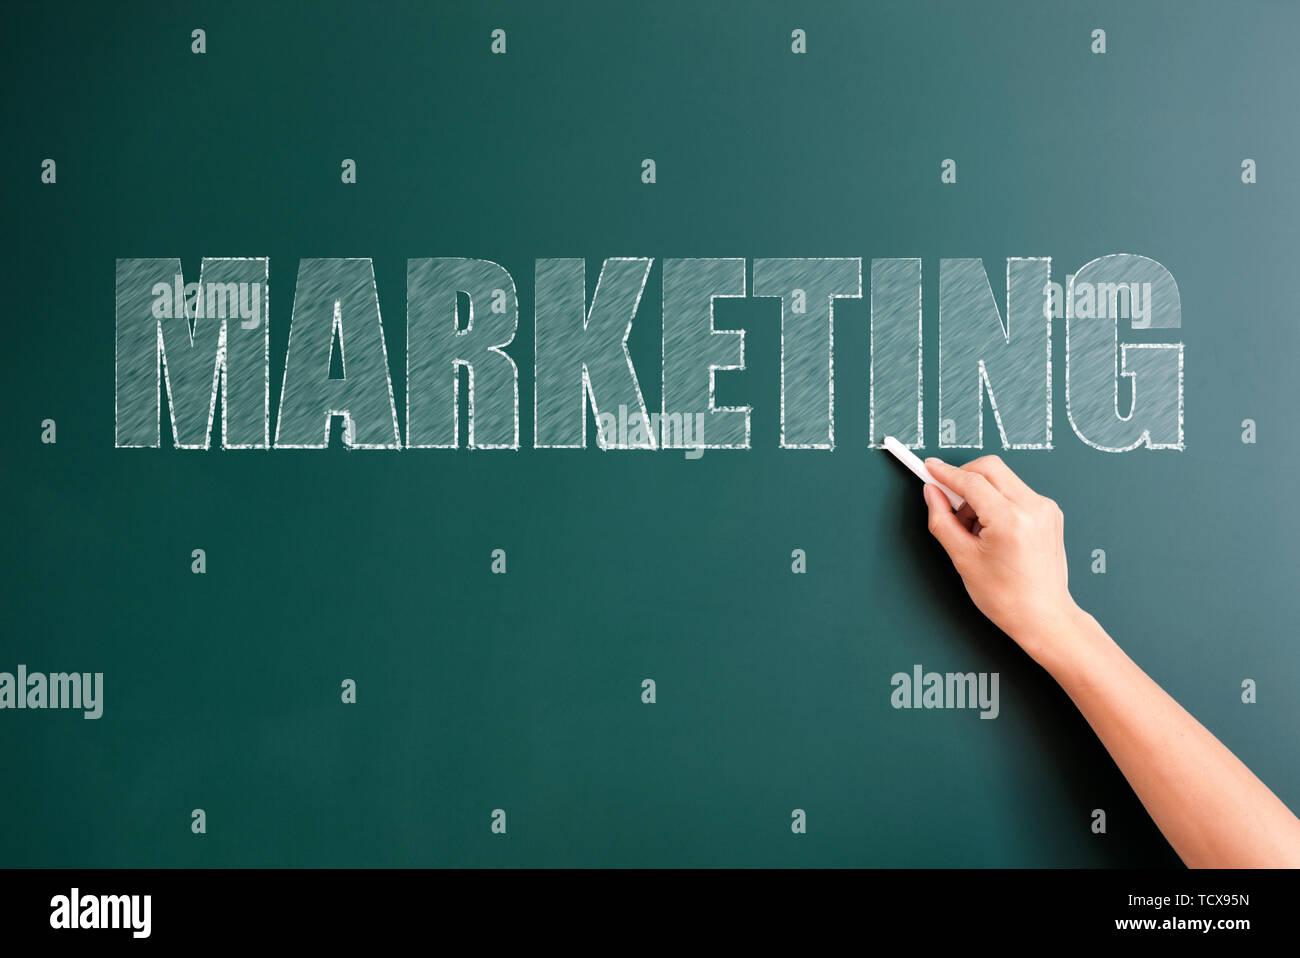 marketing written on blackboard - Stock Image